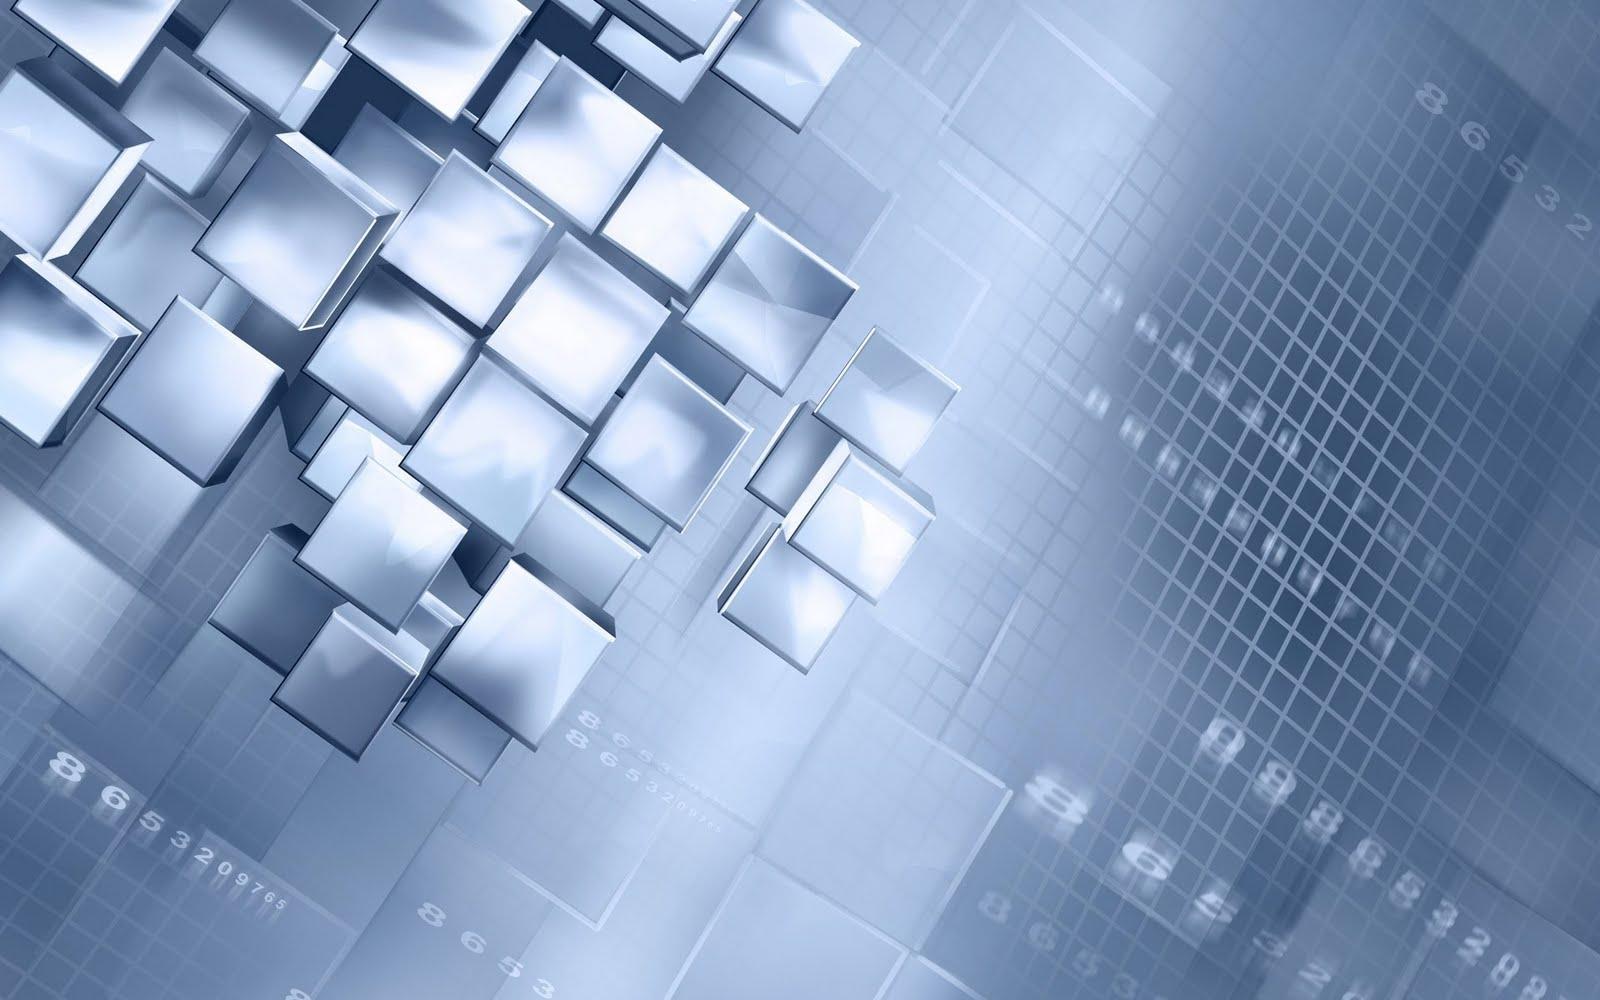 http://3.bp.blogspot.com/-pOUeLLKghHM/TmiNVhS-7TI/AAAAAAAAALQ/eM4Sc-uFKT0/s1600/colorful-effects-wallpaper_1920x1200_85085.jpg